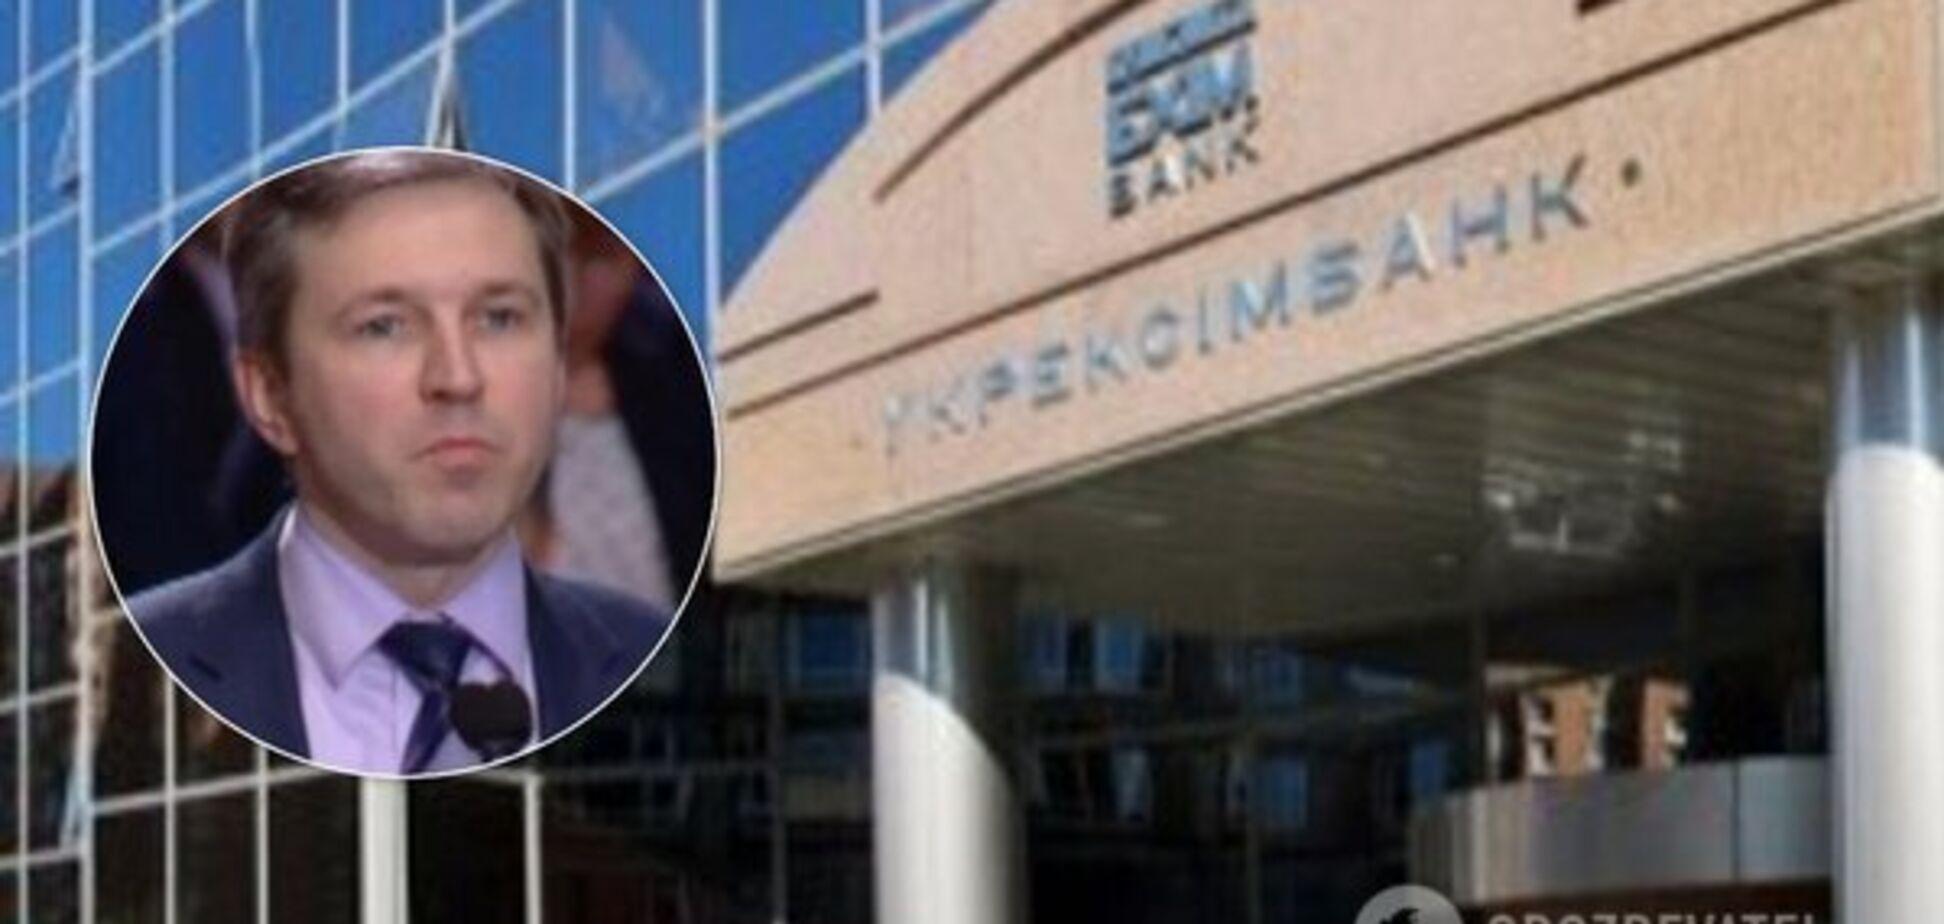 Арест главы Укрэксимбанка: какая будет реакция инвесторов